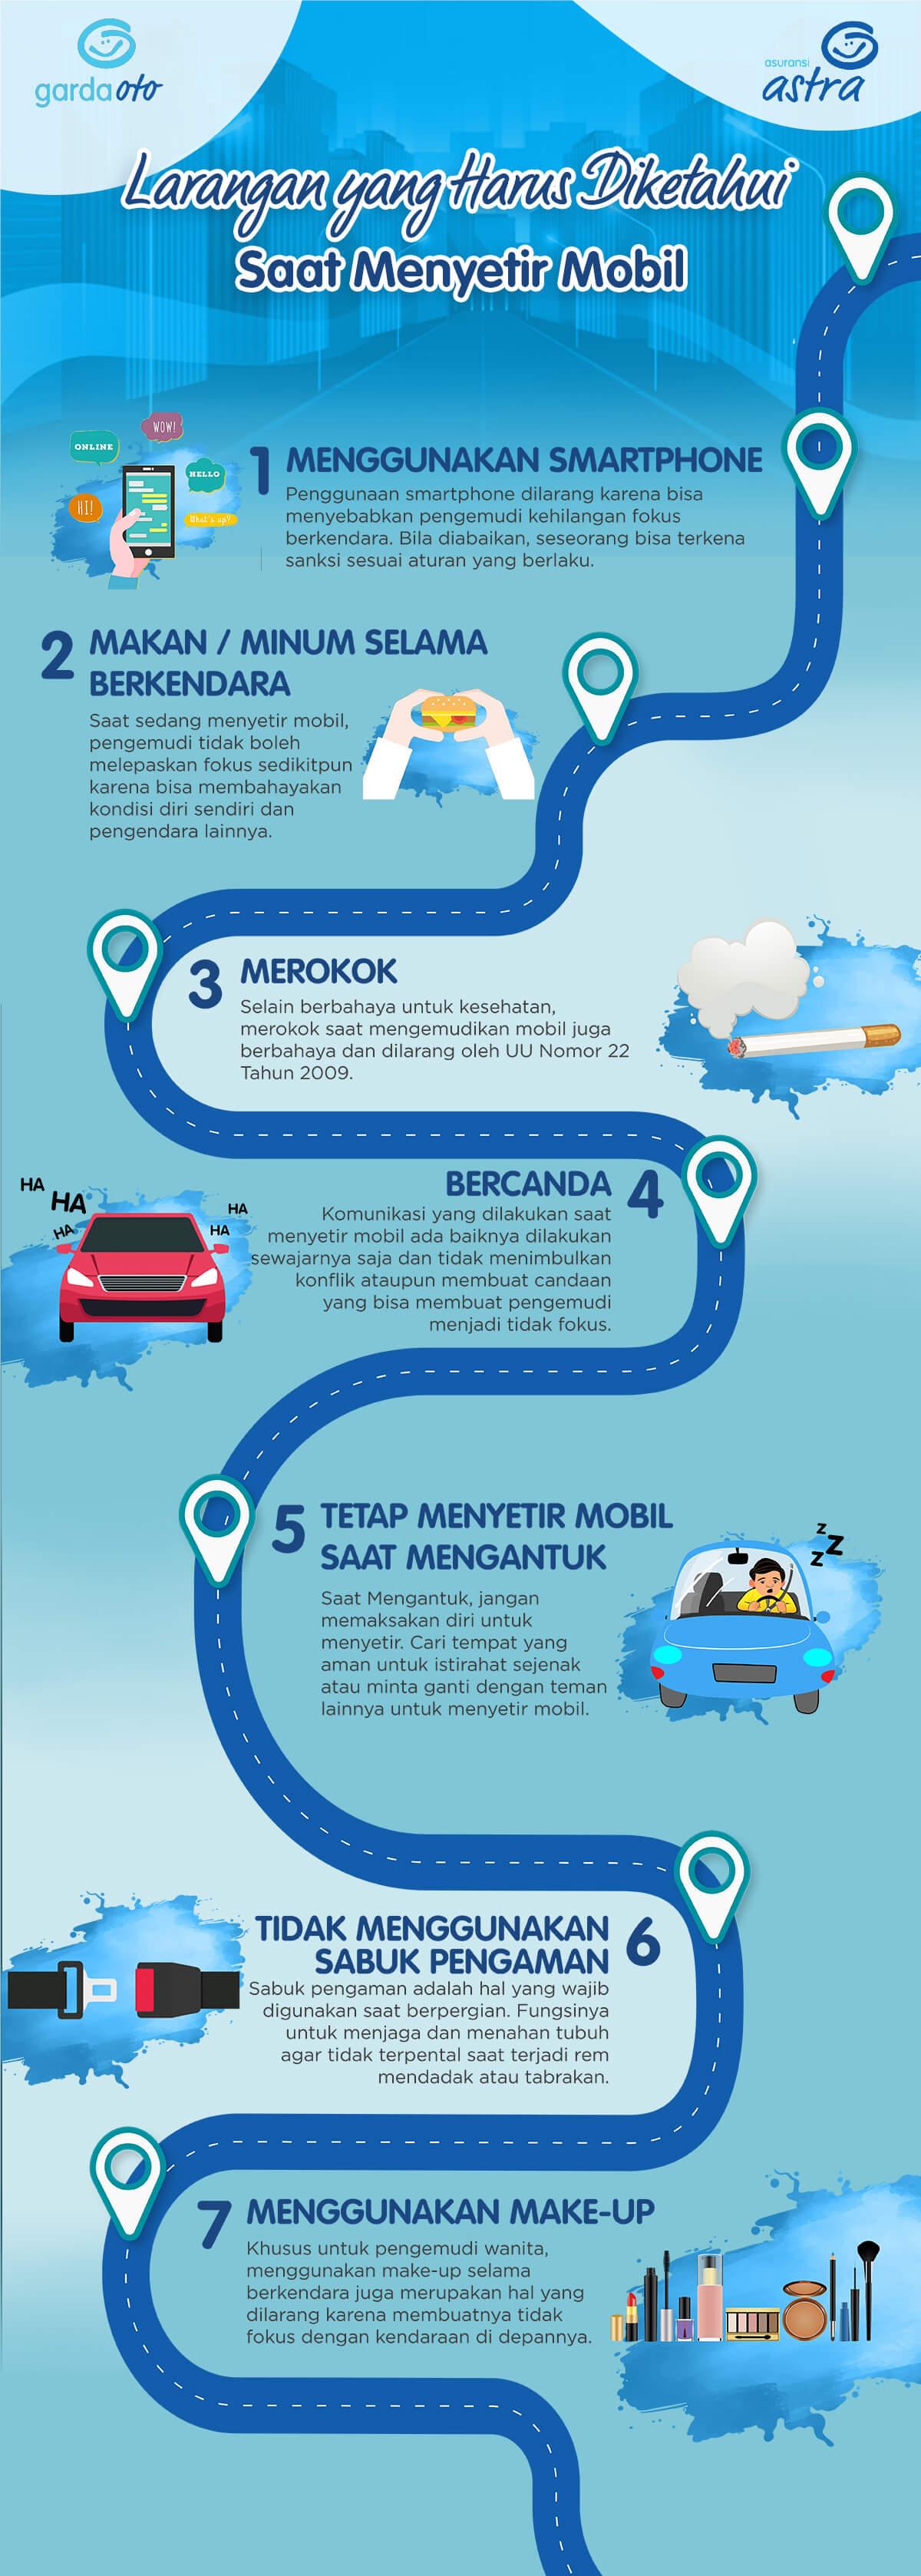 Infografis Larangan yang Harus Diketahui Saat Menyetir Mobil